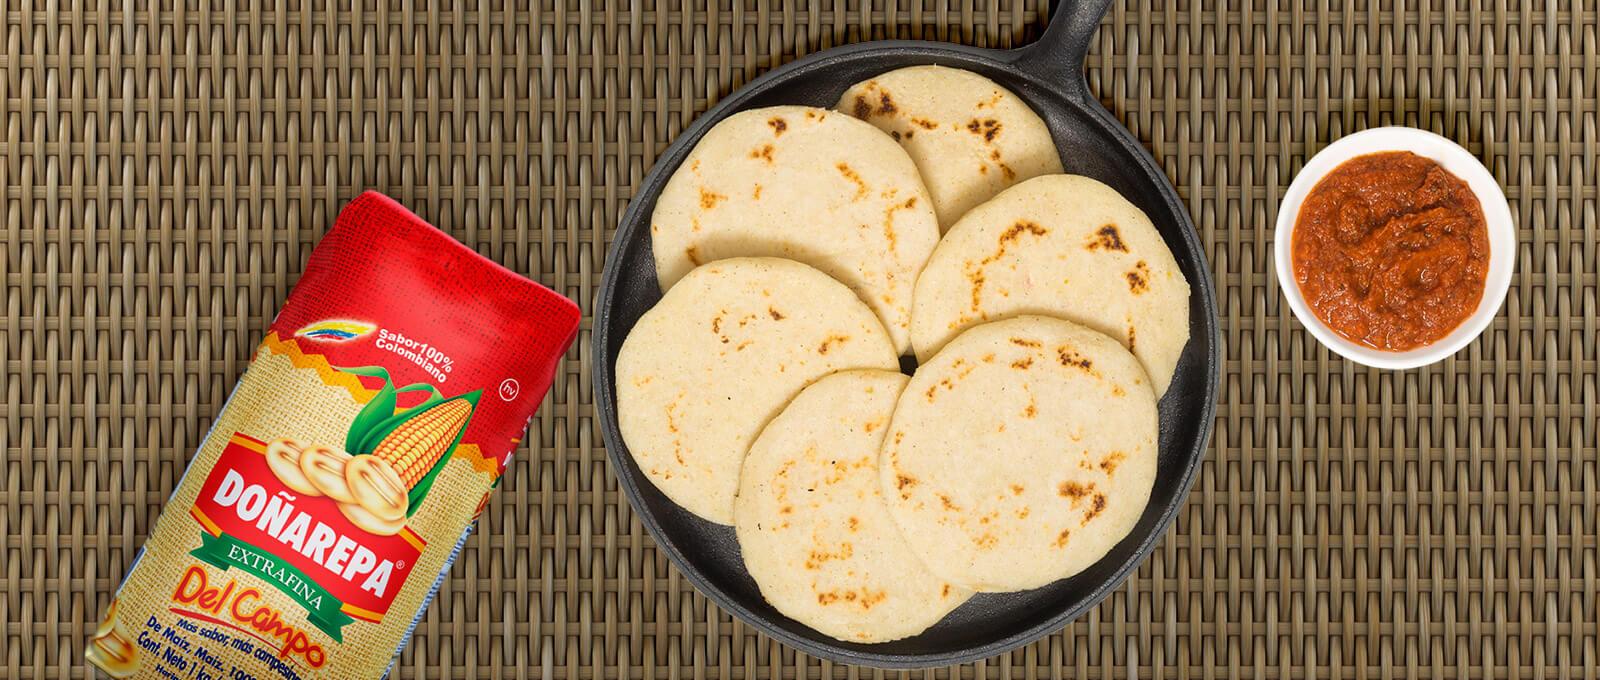 Receta de arepas colombianas de harina de maíz de Doñarepa